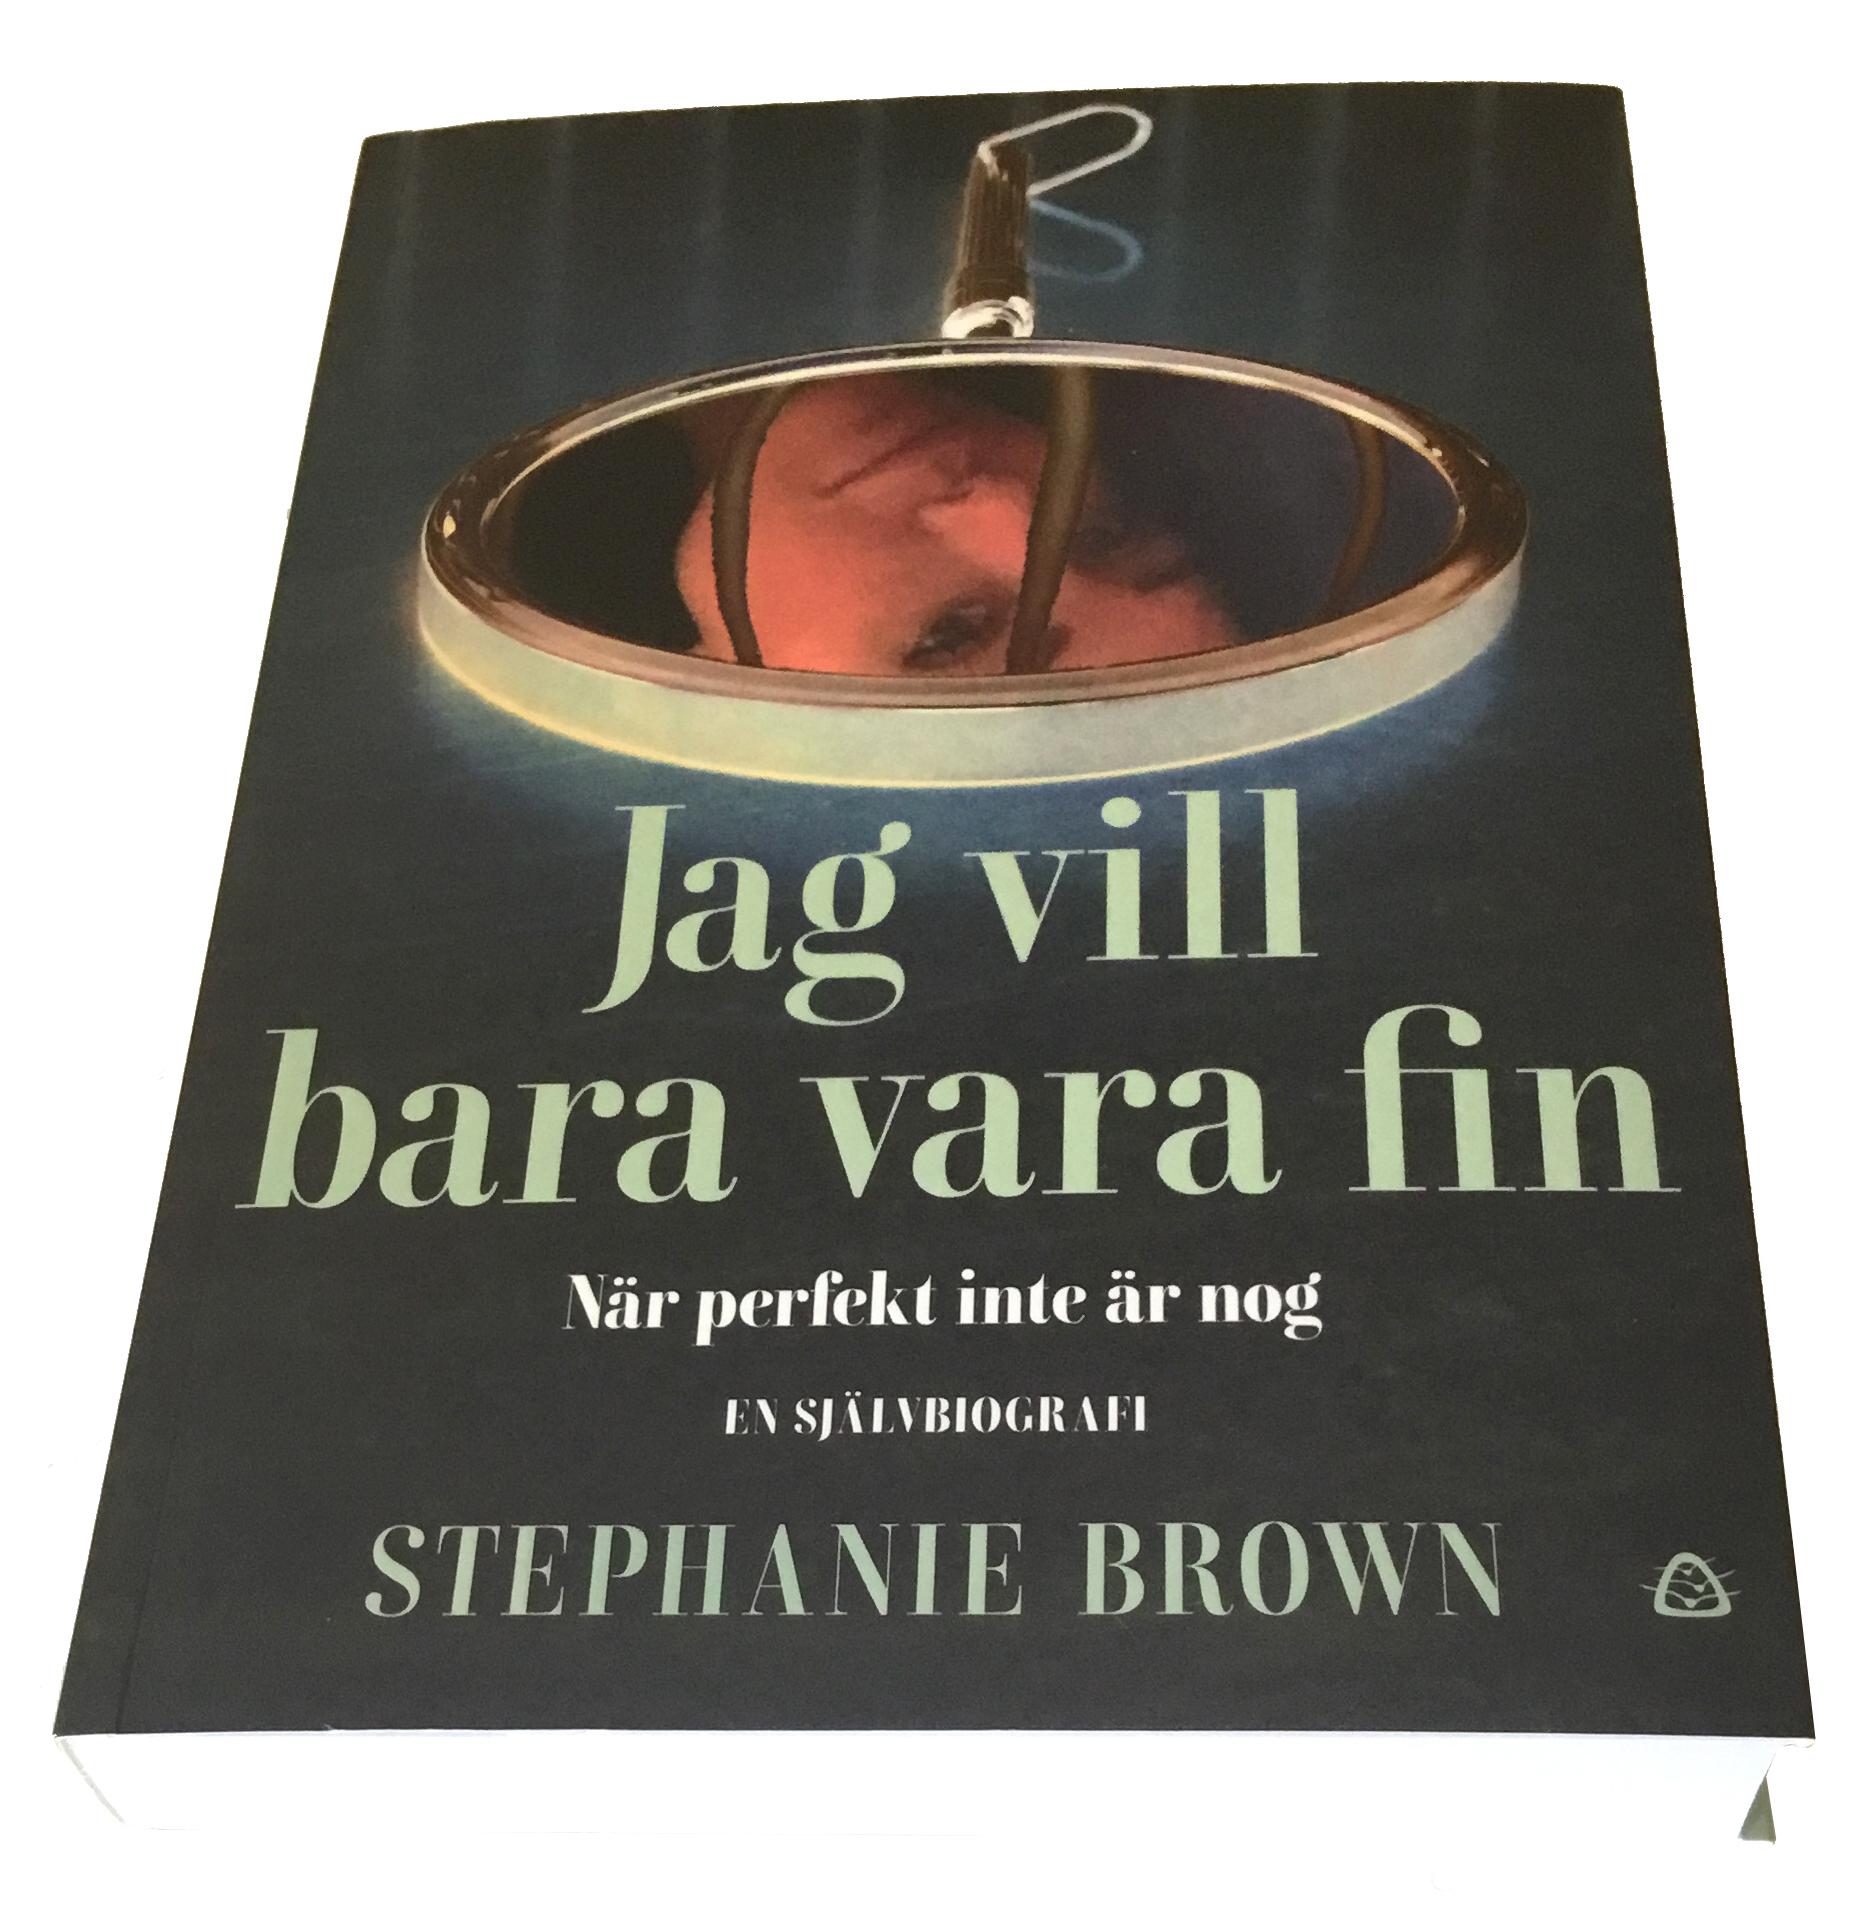 Jag vill bara vara fin / Stephanie Brown